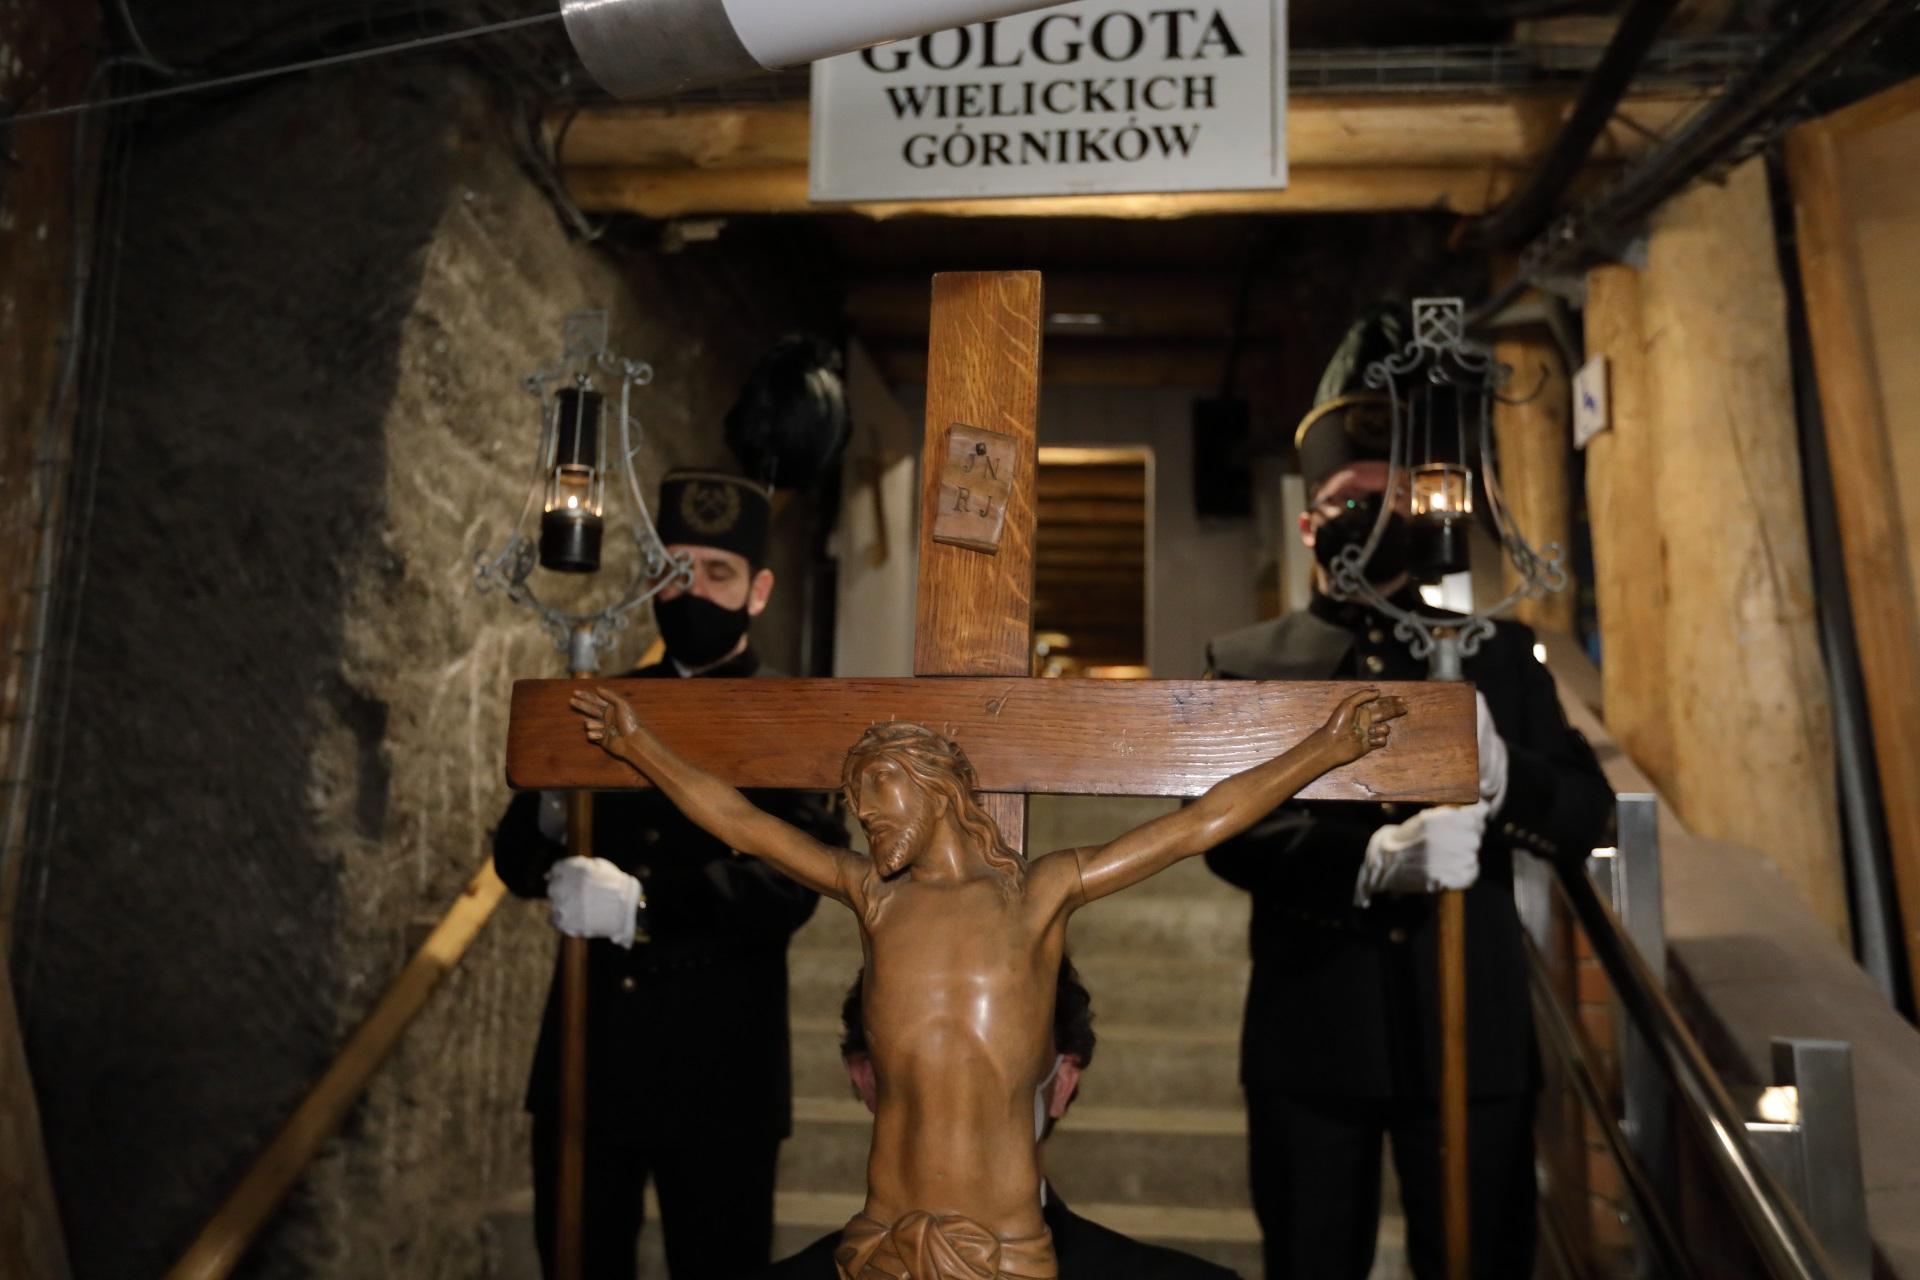 Na pierwszym planie drewniany krucyfiks. Za krzyżem stoją dwaj górnicy w galowych mundurach, z zapalonymi zicherkami. Ponad ich głowami napis na białej tablicy: Golgota wielickich górników. W tle uchylone wejście do pochylni Barącza